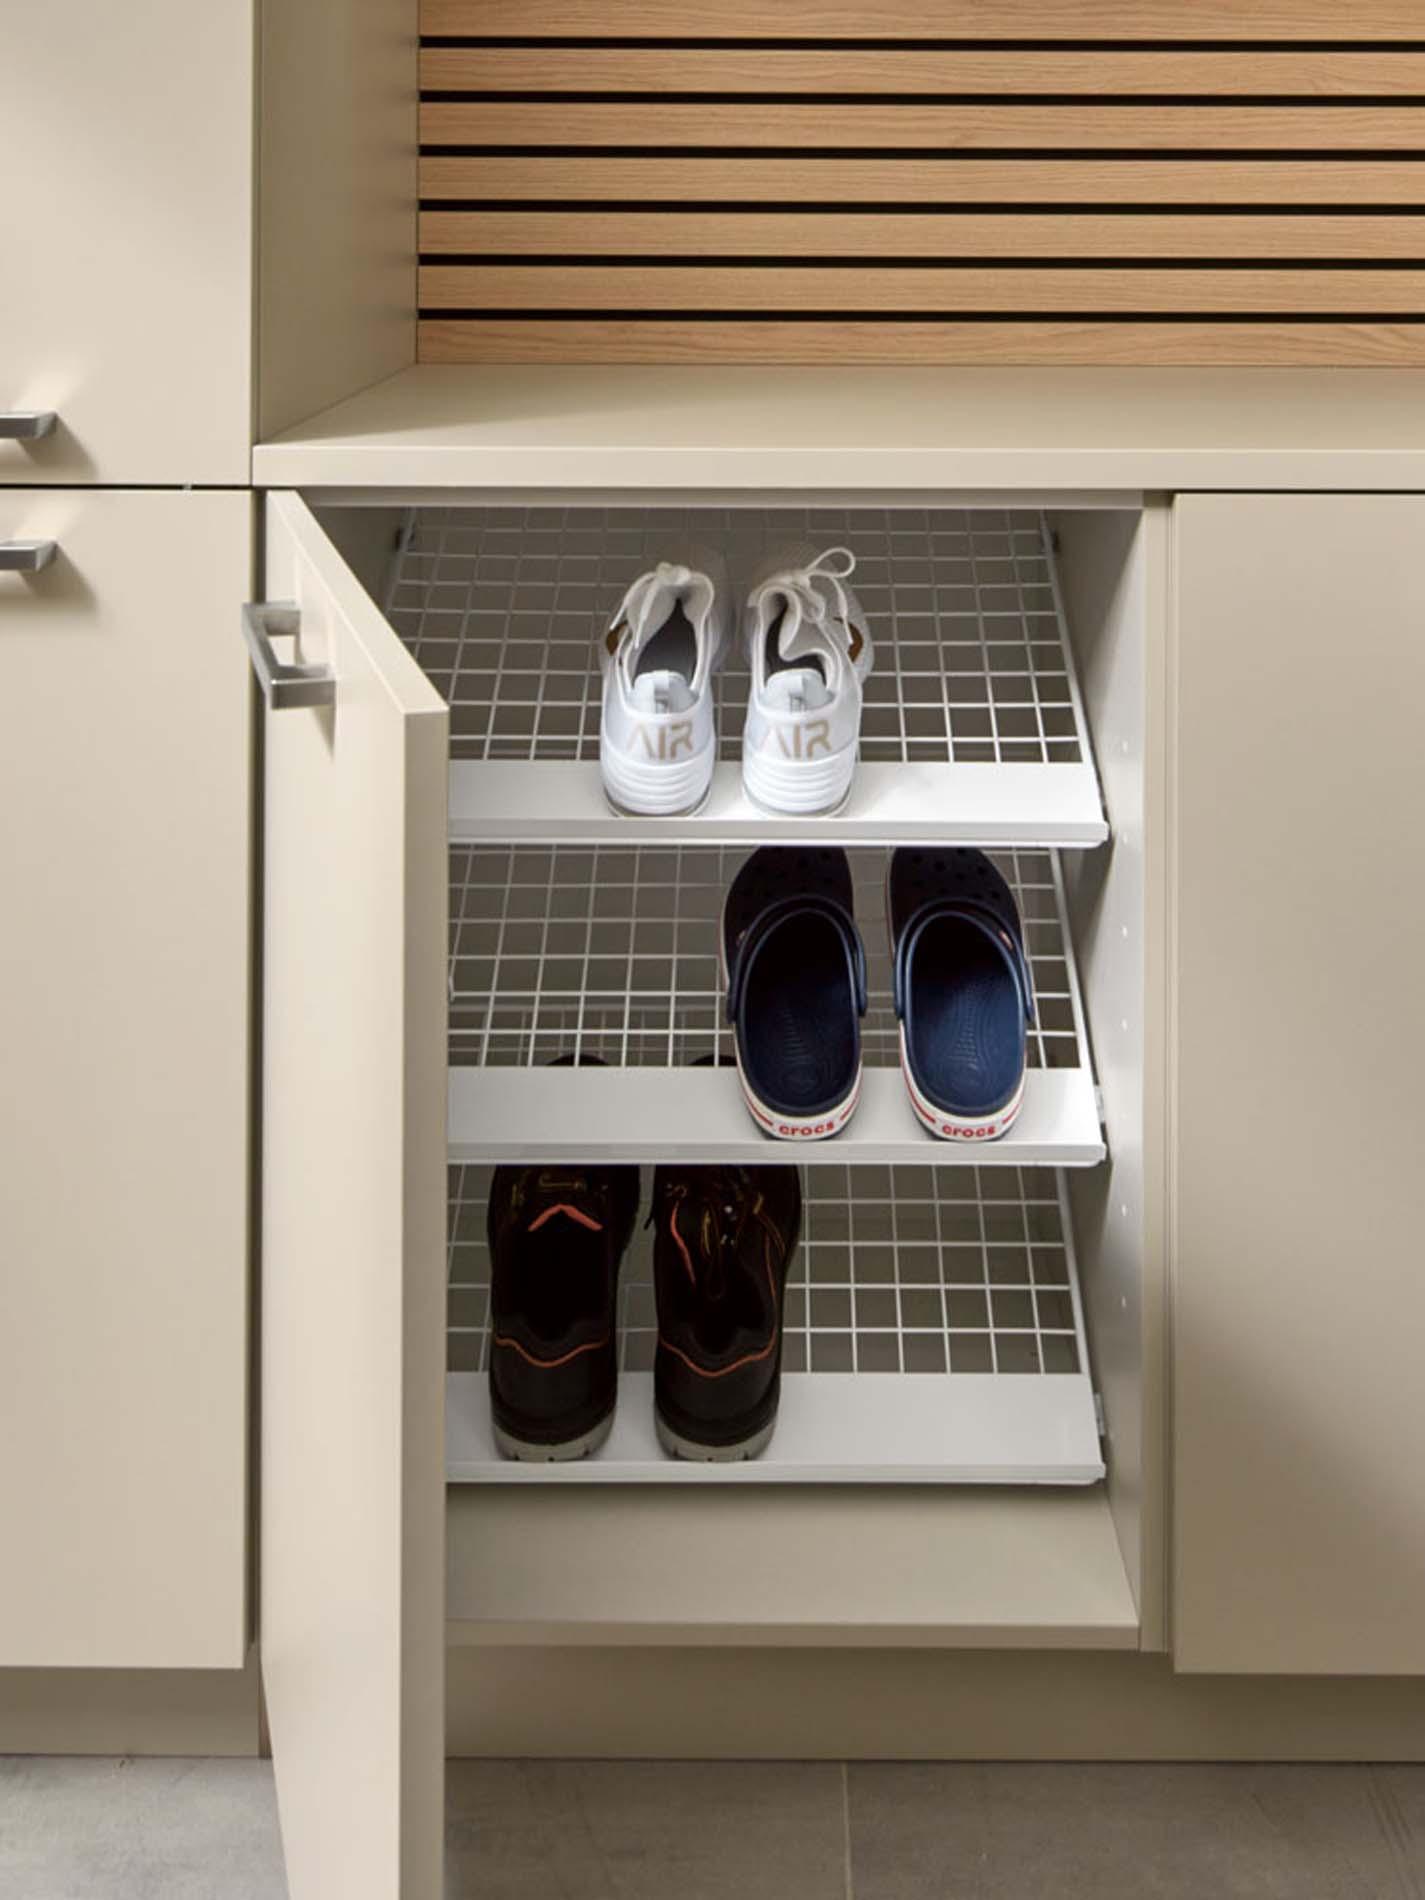 Bijkeuken rek voor schoenen in schoenenkast, ASWA Keukens